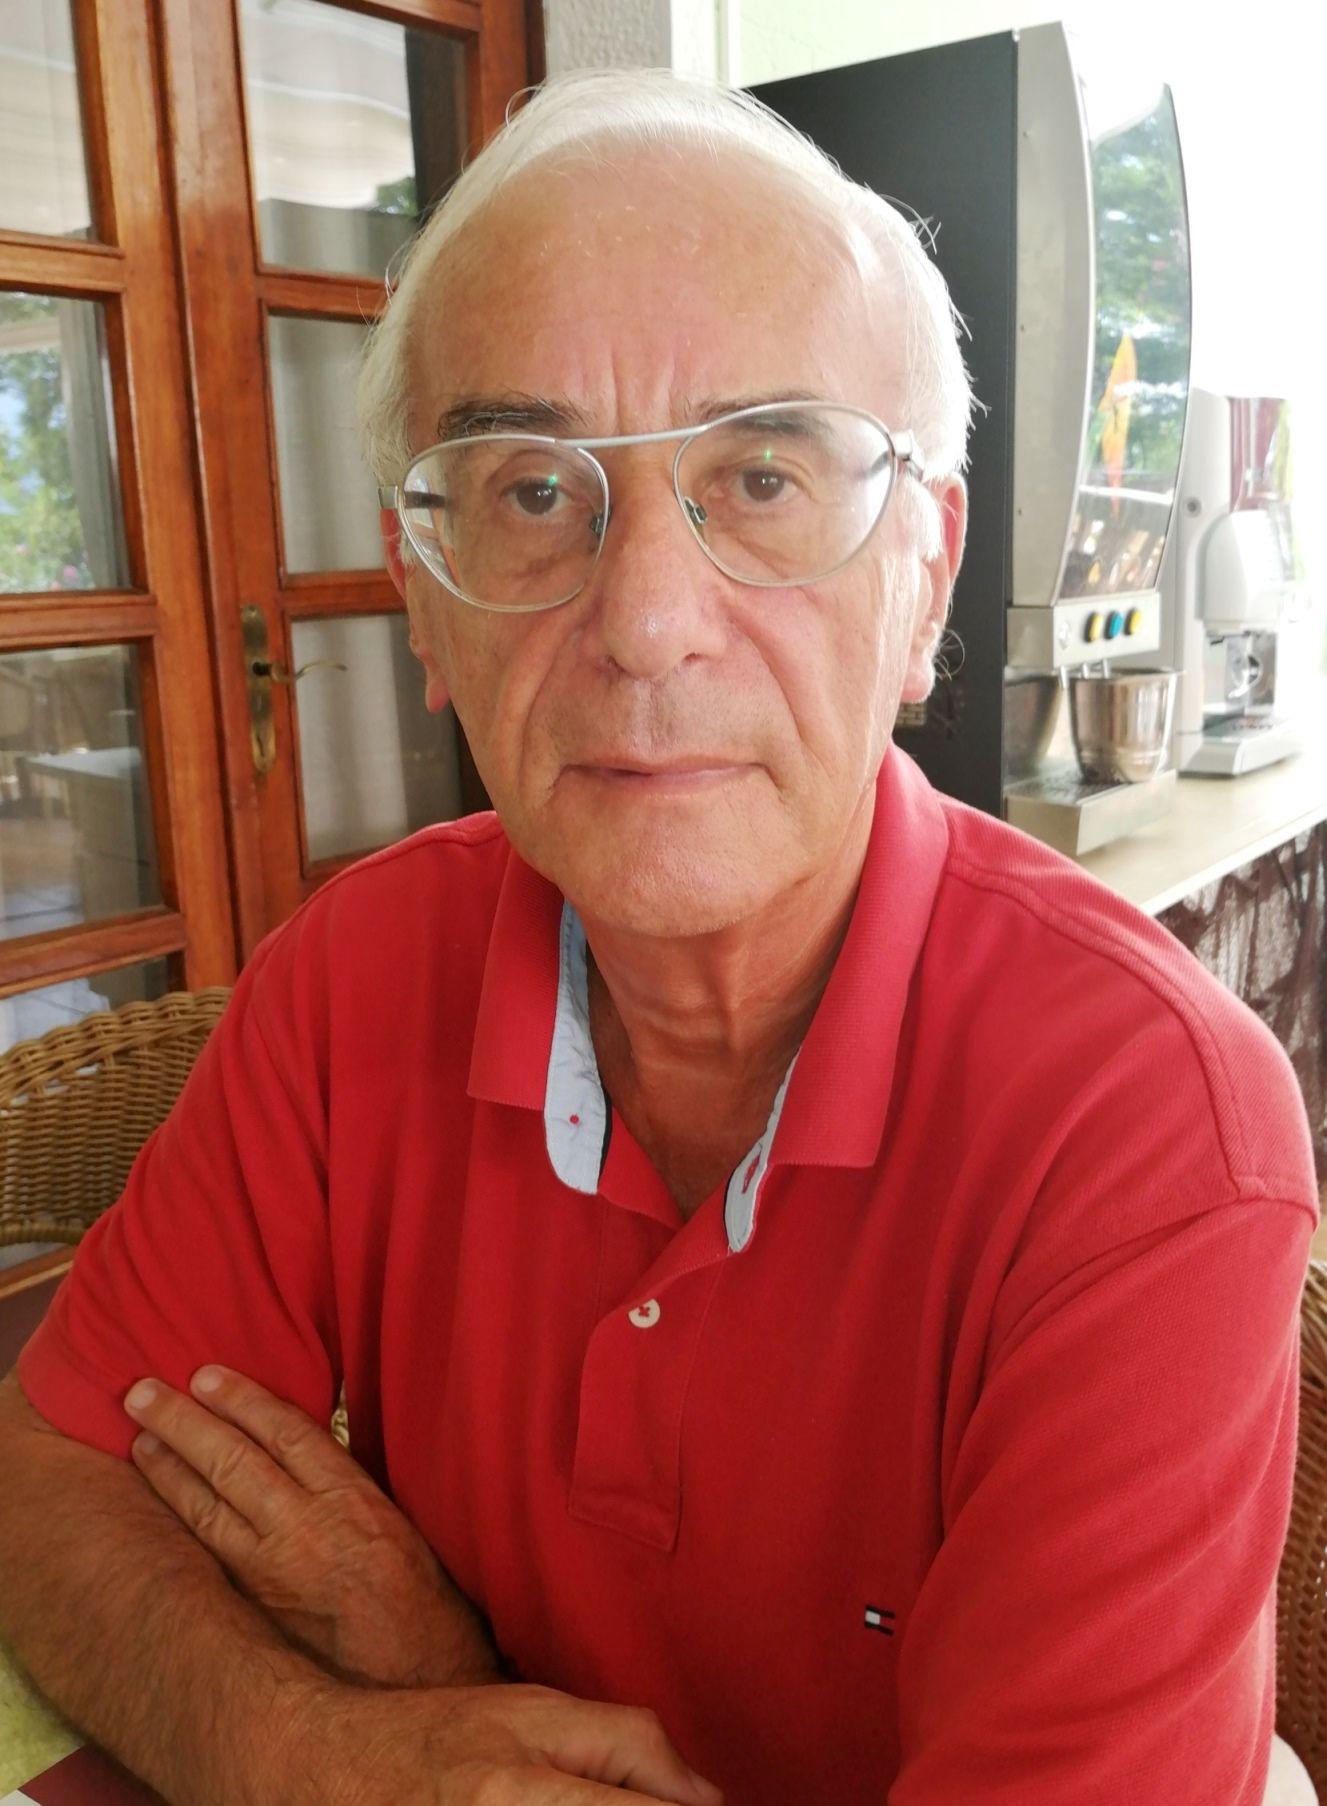 Dragan Uskokovic